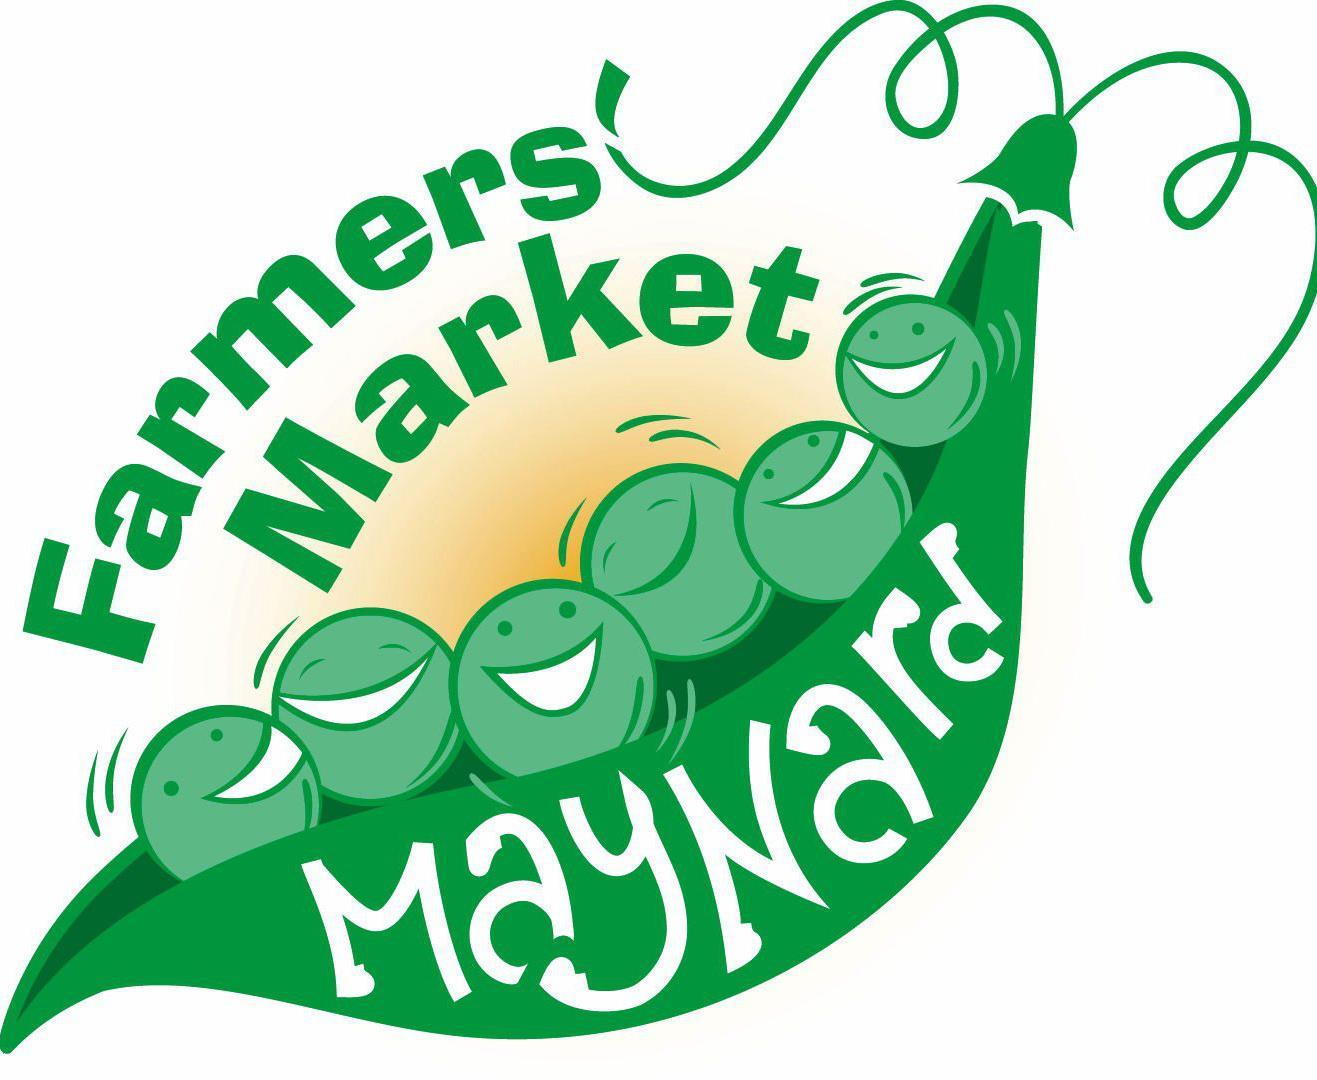 Maynard Farmers Market